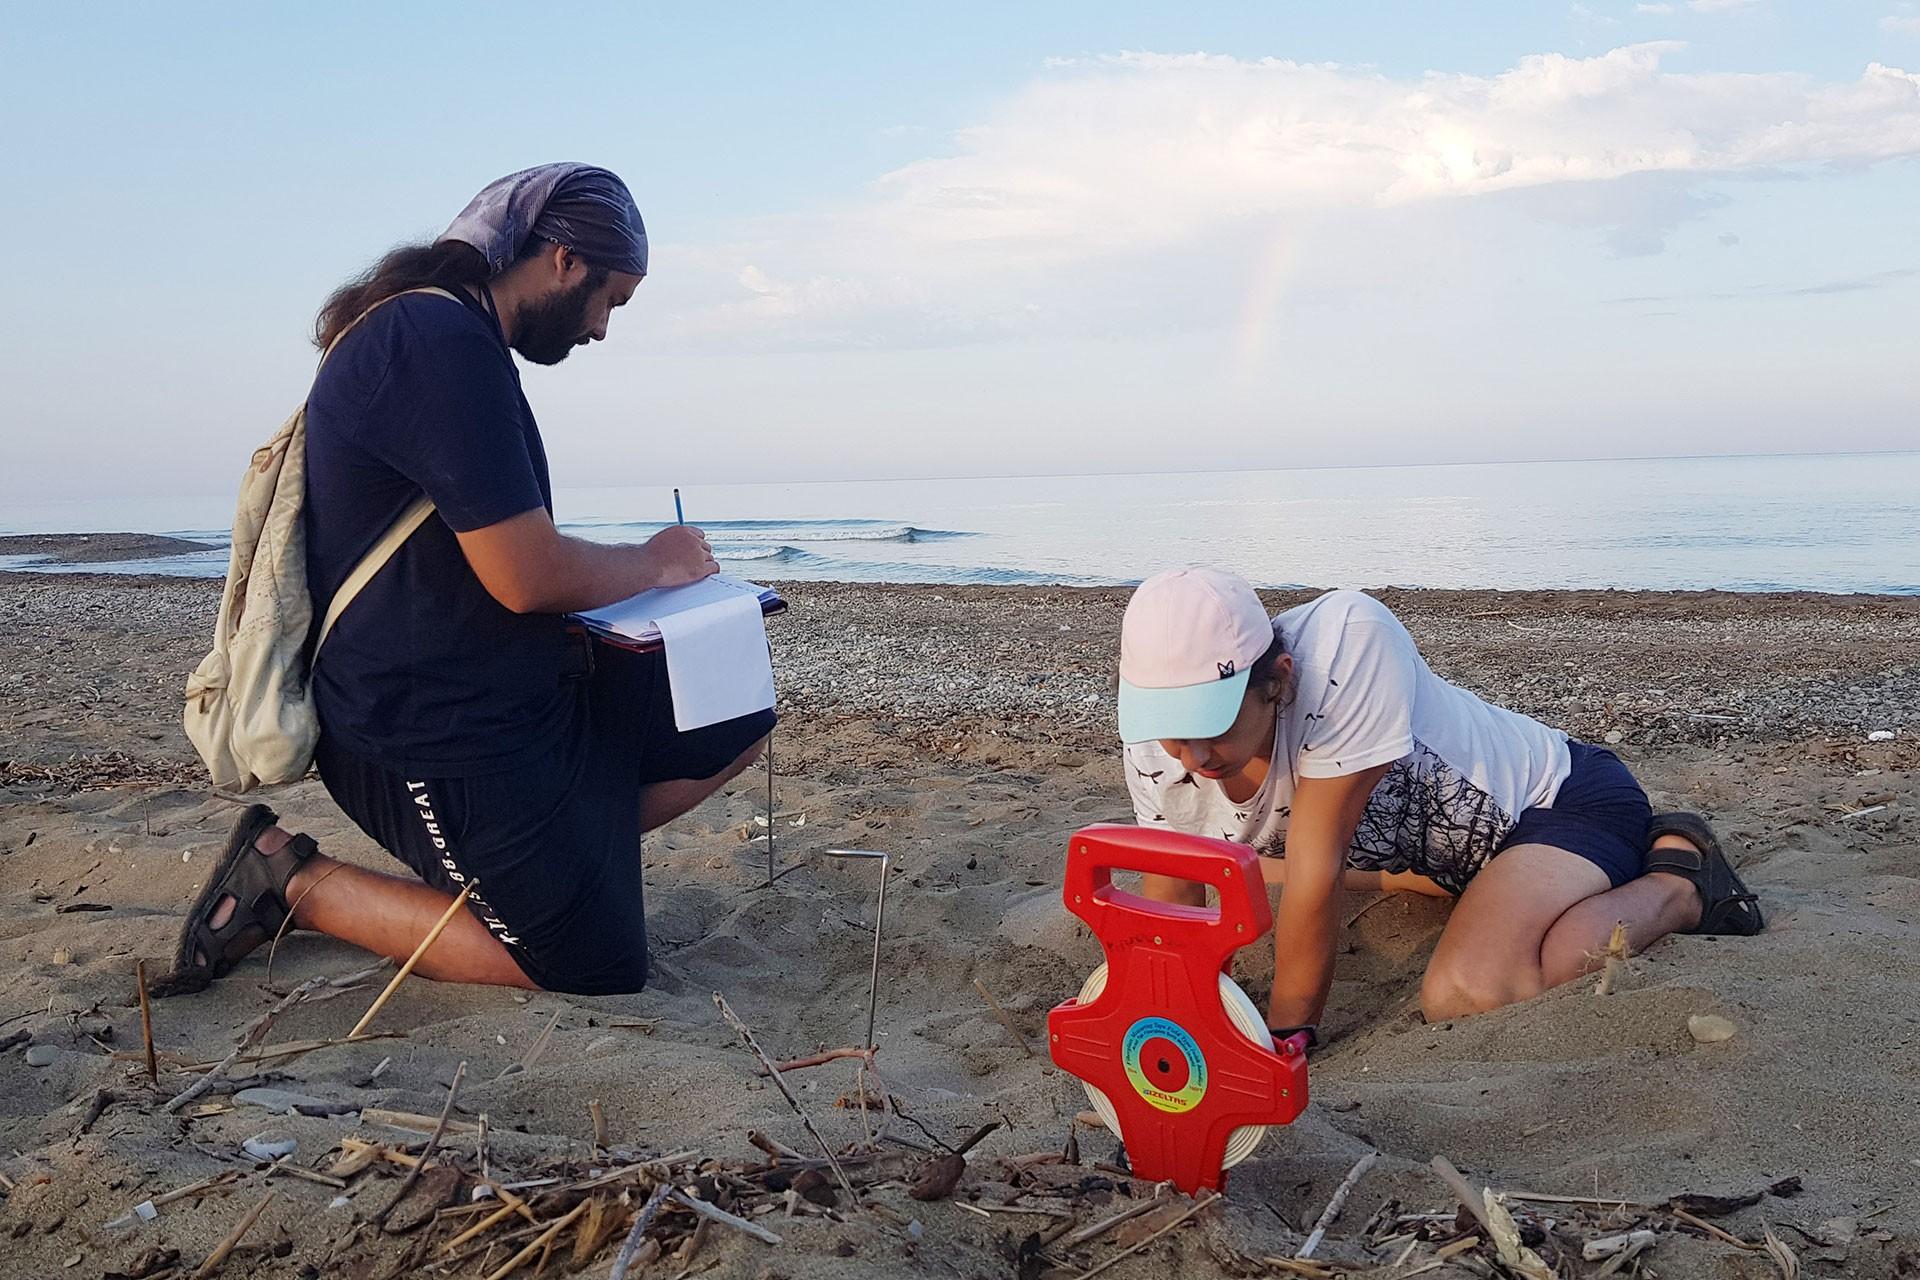 Gönüllüler, kaplumbağa yuvaları ile çıkan yavruların sayımını yapıyor.